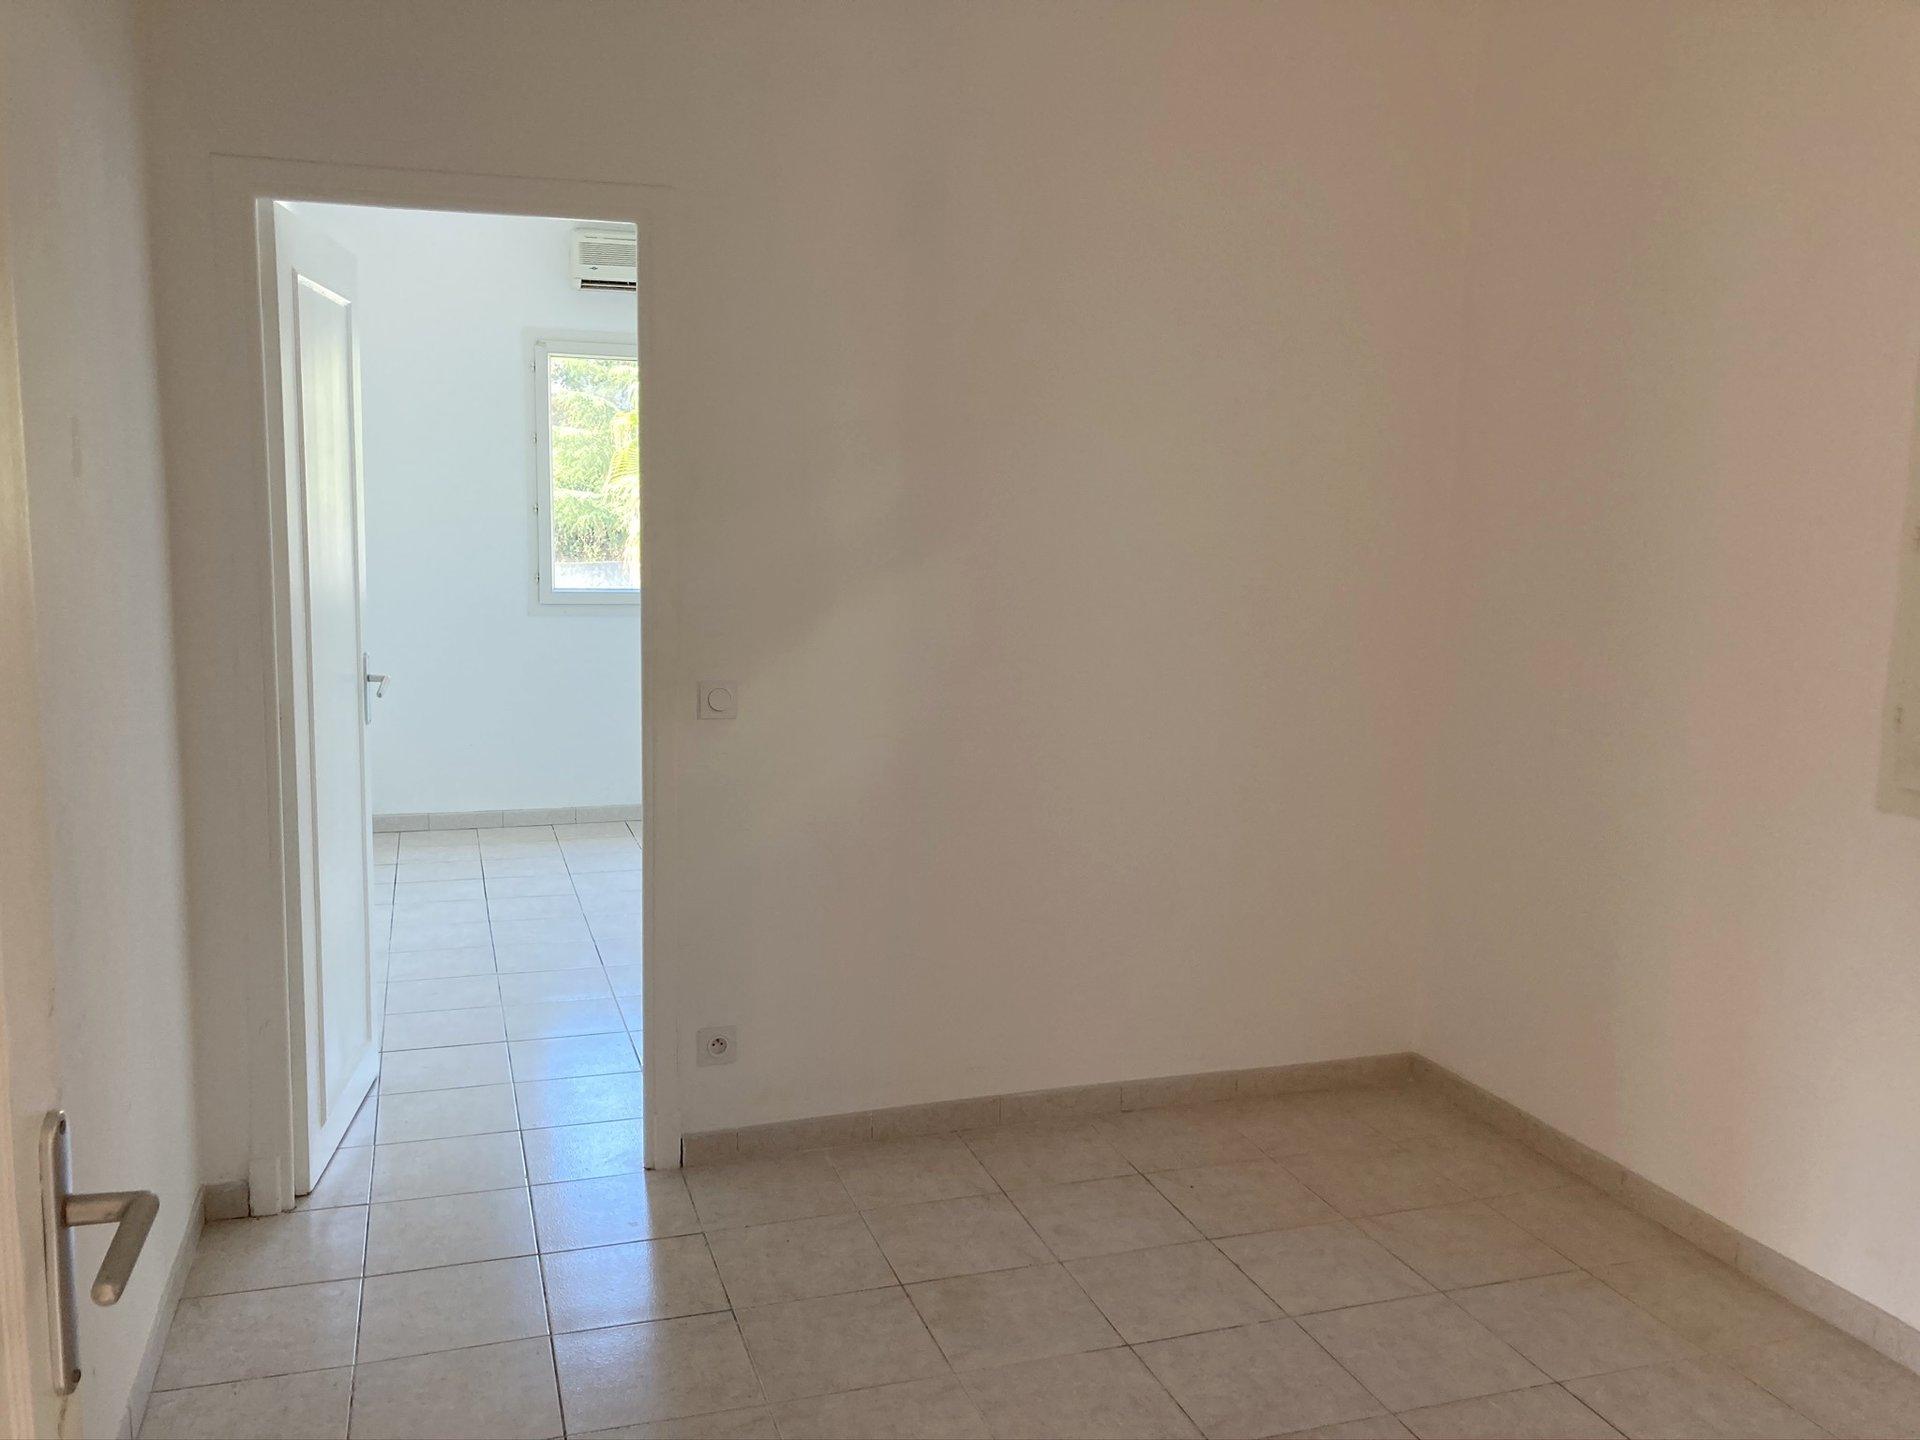 location Nice, haut de Villa 3/4 pièces 75.42m² situé bas Lanterne